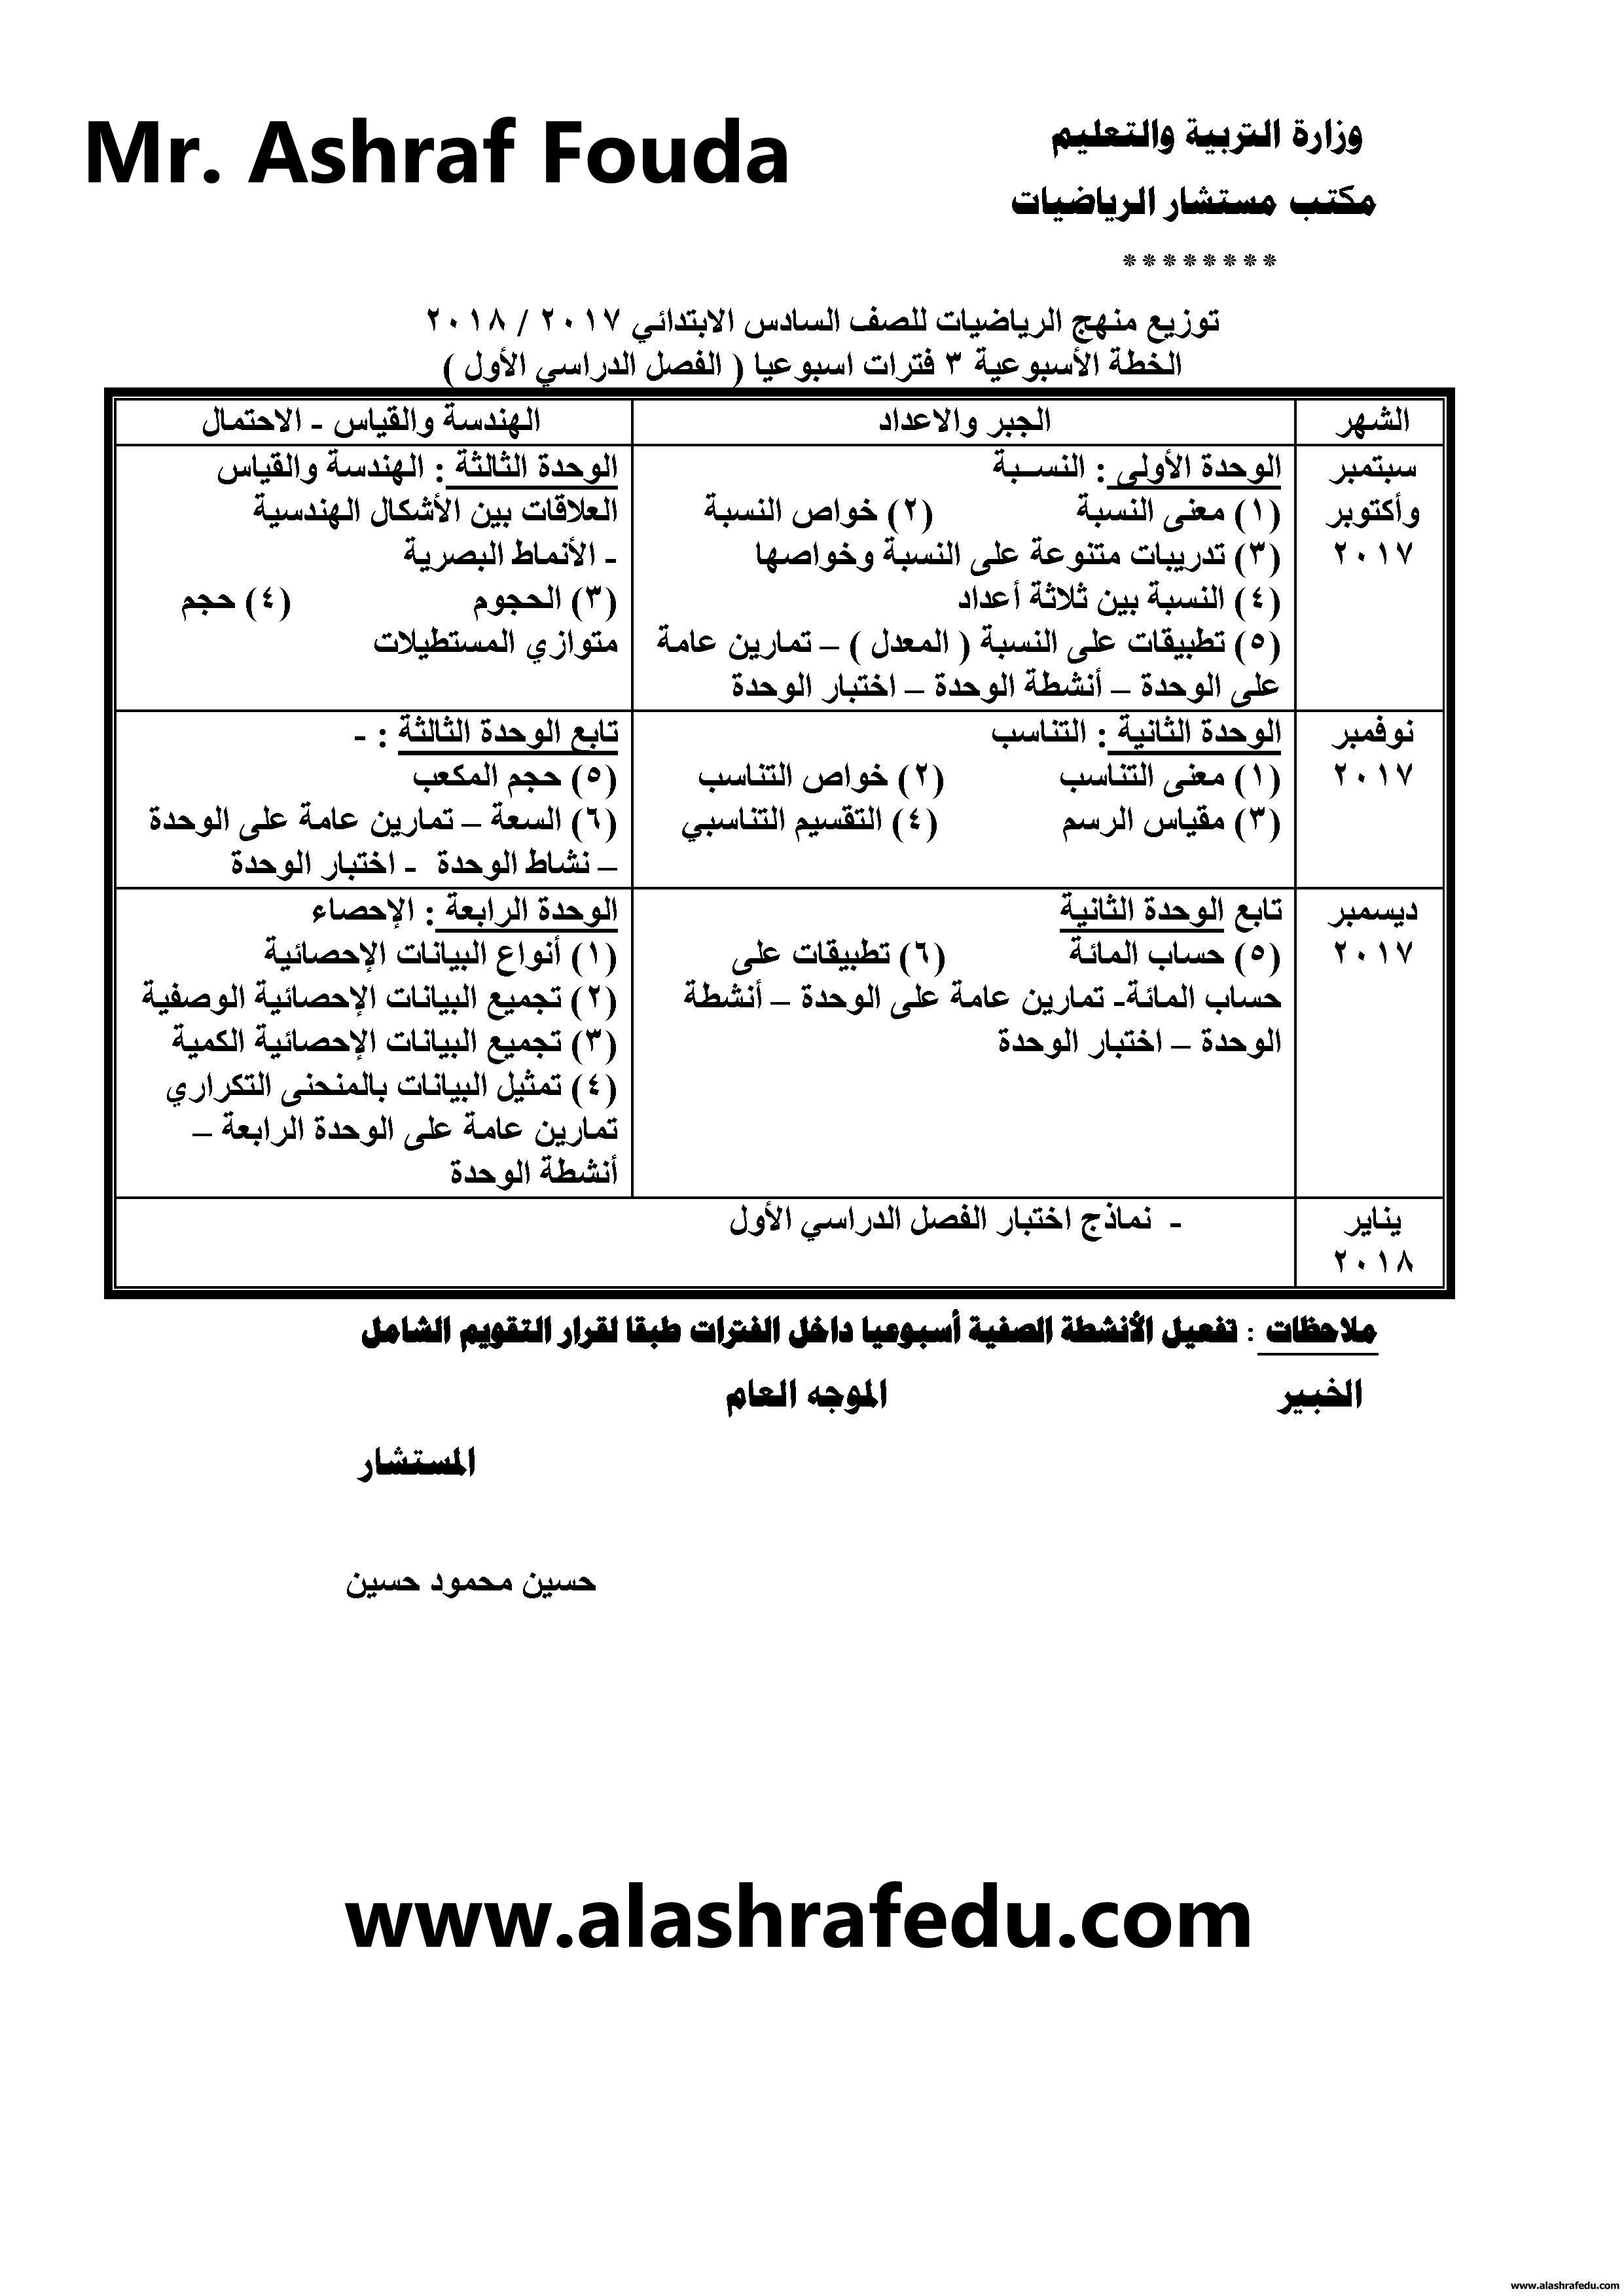 توزيع منهج الرياضيات 2018 السادس www.alashrafedu.com1